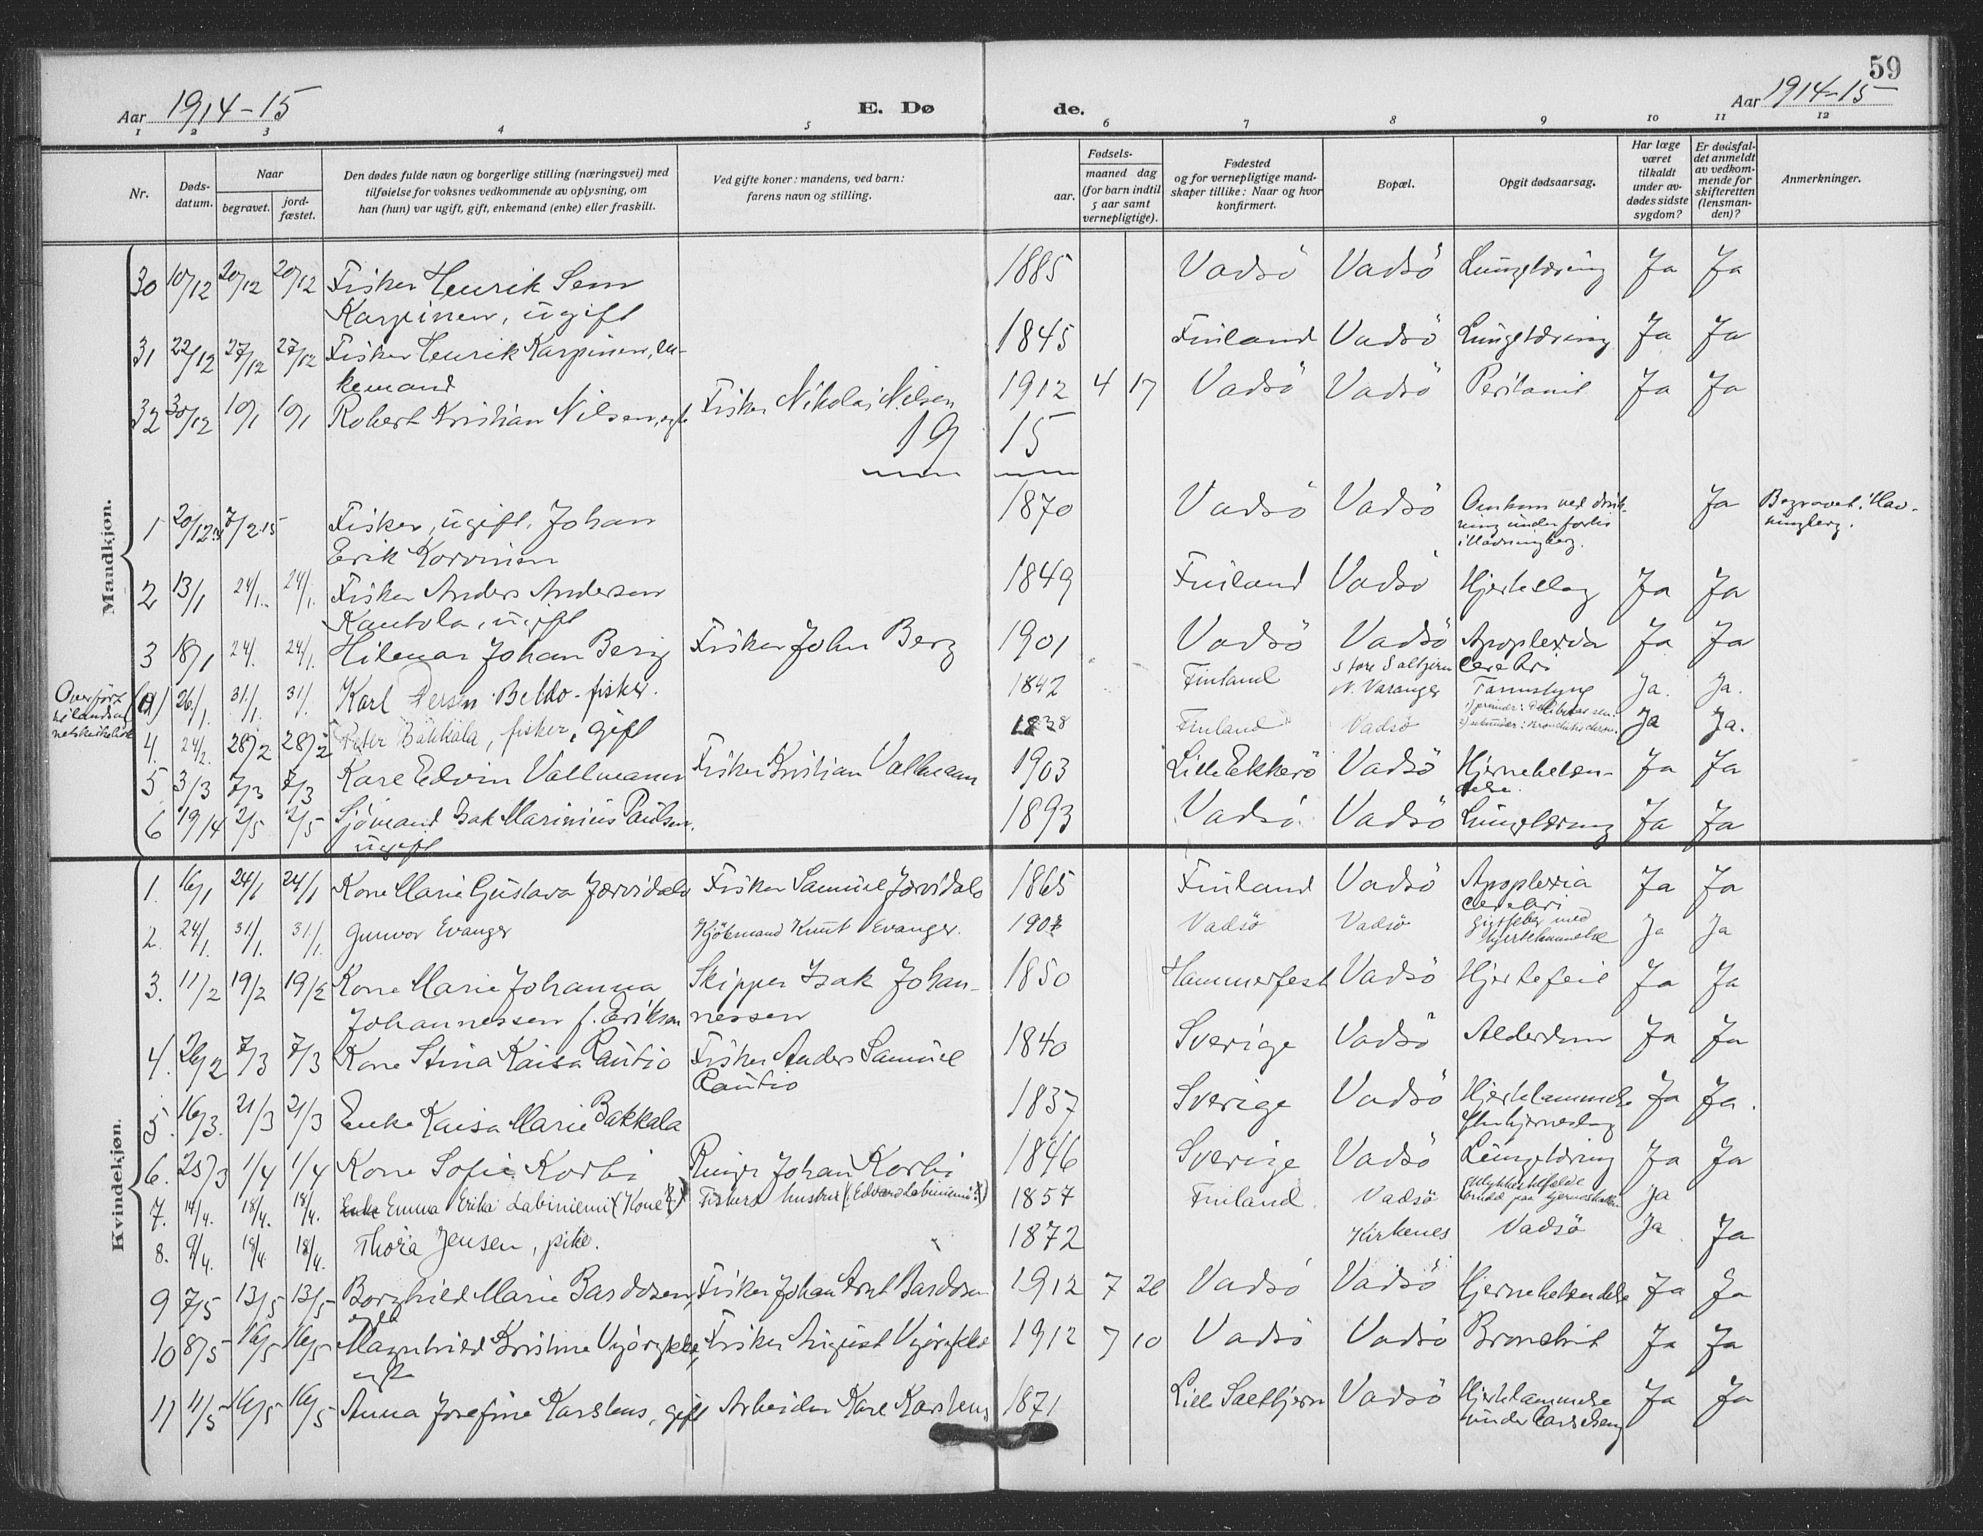 SATØ, Vadsø sokneprestkontor, H/Ha/L0008kirke: Ministerialbok nr. 8, 1912-1930, s. 59